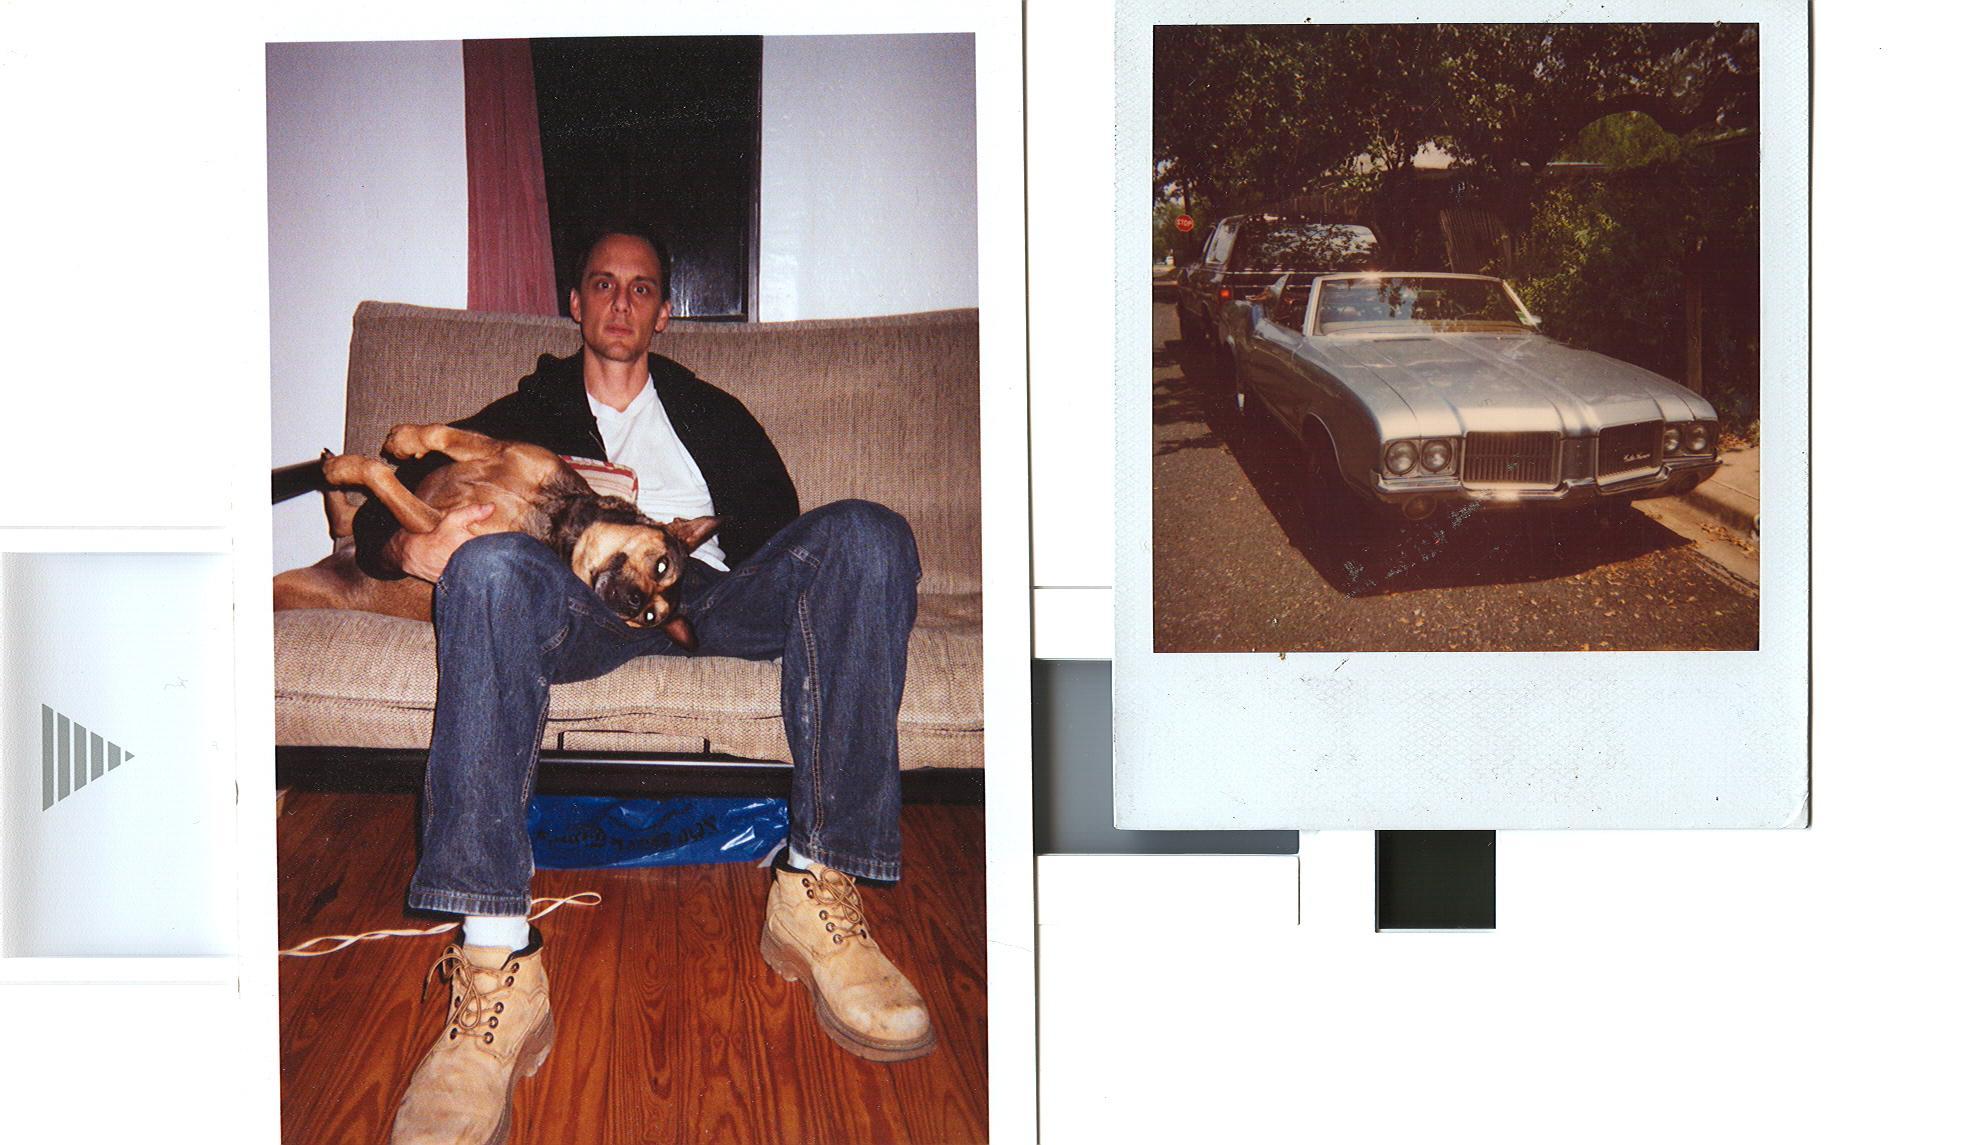 slowpoke_dog+car.JPG